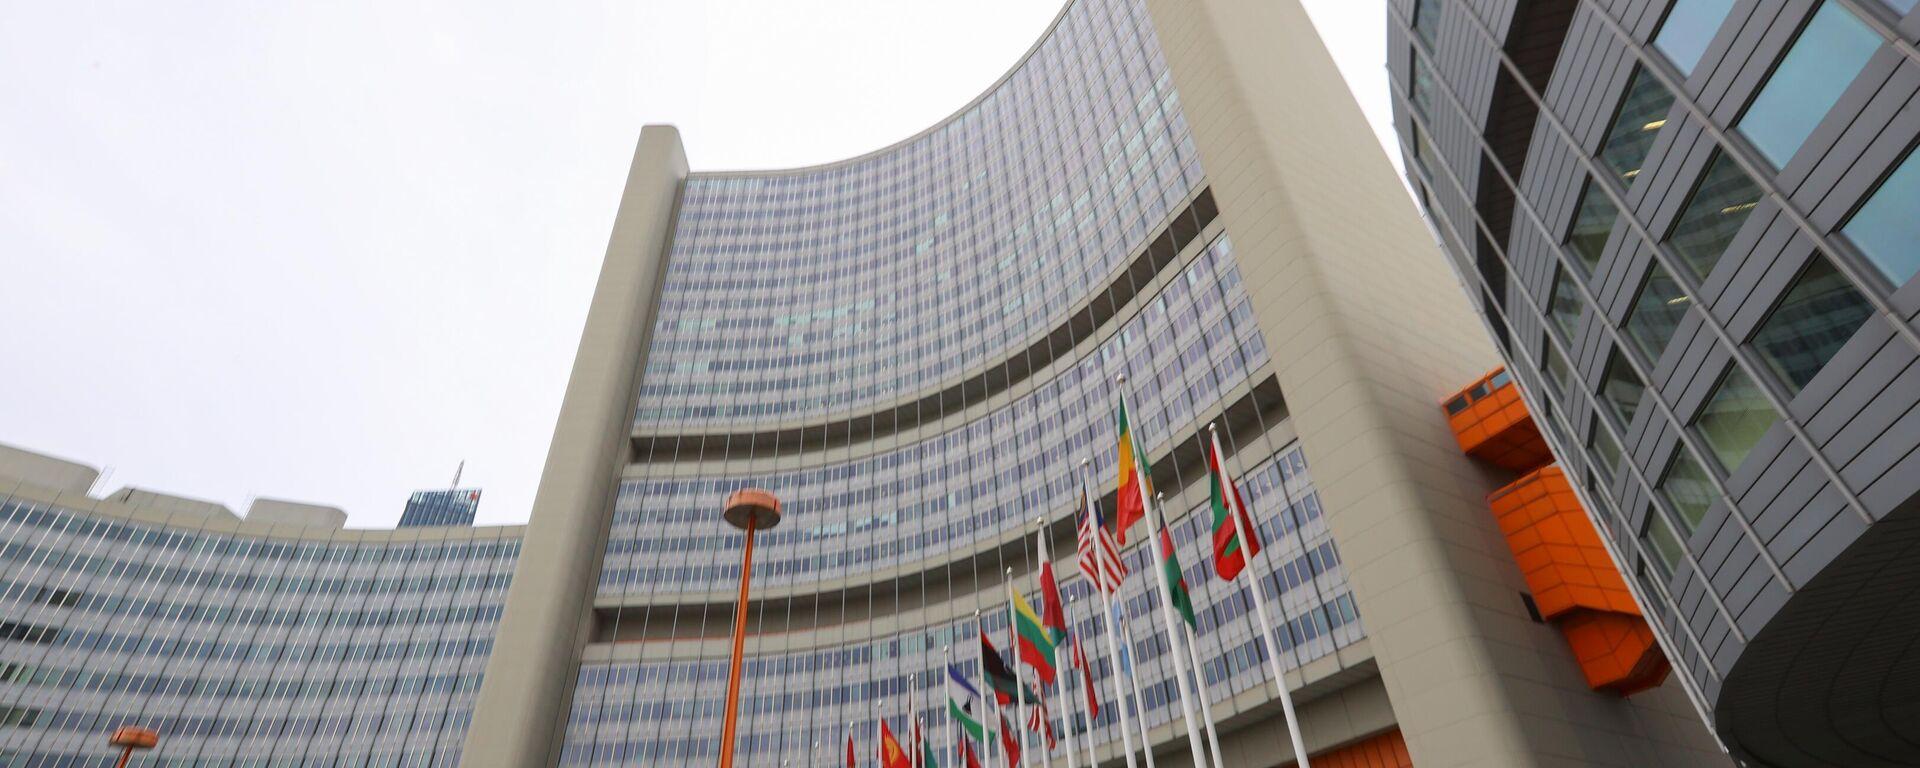 ატომური ენერგიის საერთაშორისო სააგენტოს შტაბ-ბინა ვენაში - Sputnik საქართველო, 1920, 27.09.2021